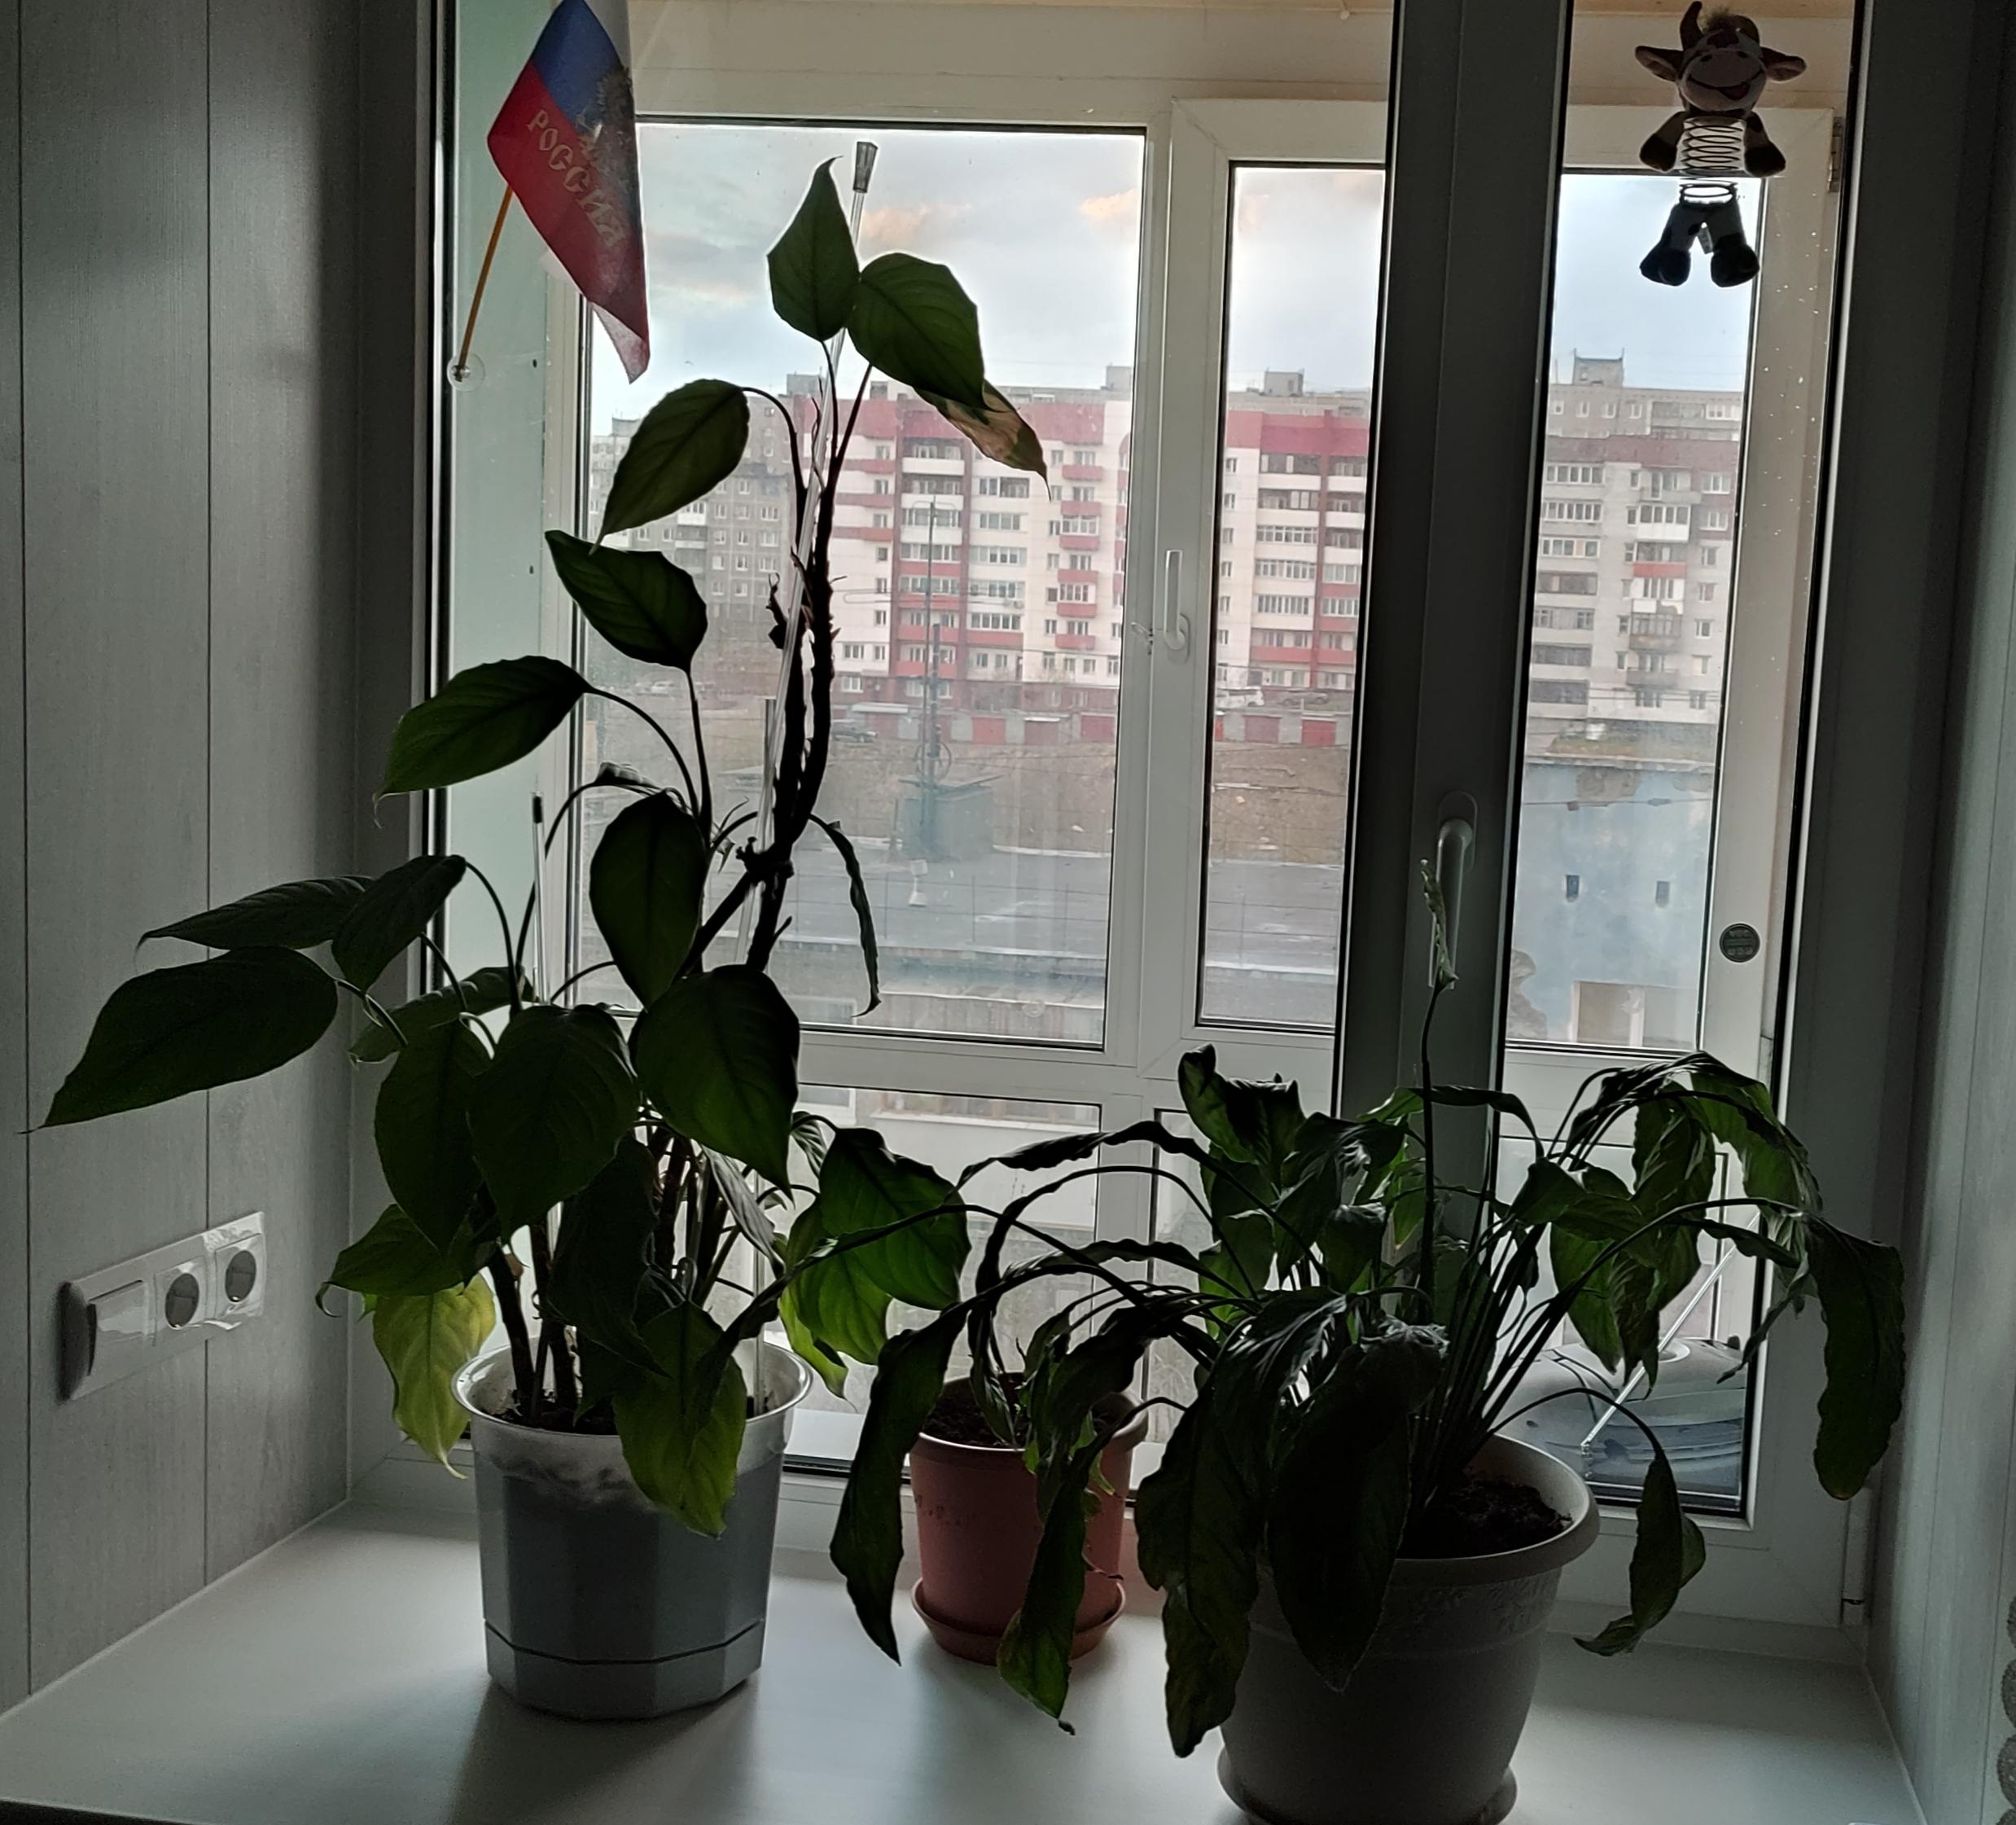 https://i3.imageban.ru/out/2021/05/28/944e0c6407aa133a768ed89200dba25e.jpg